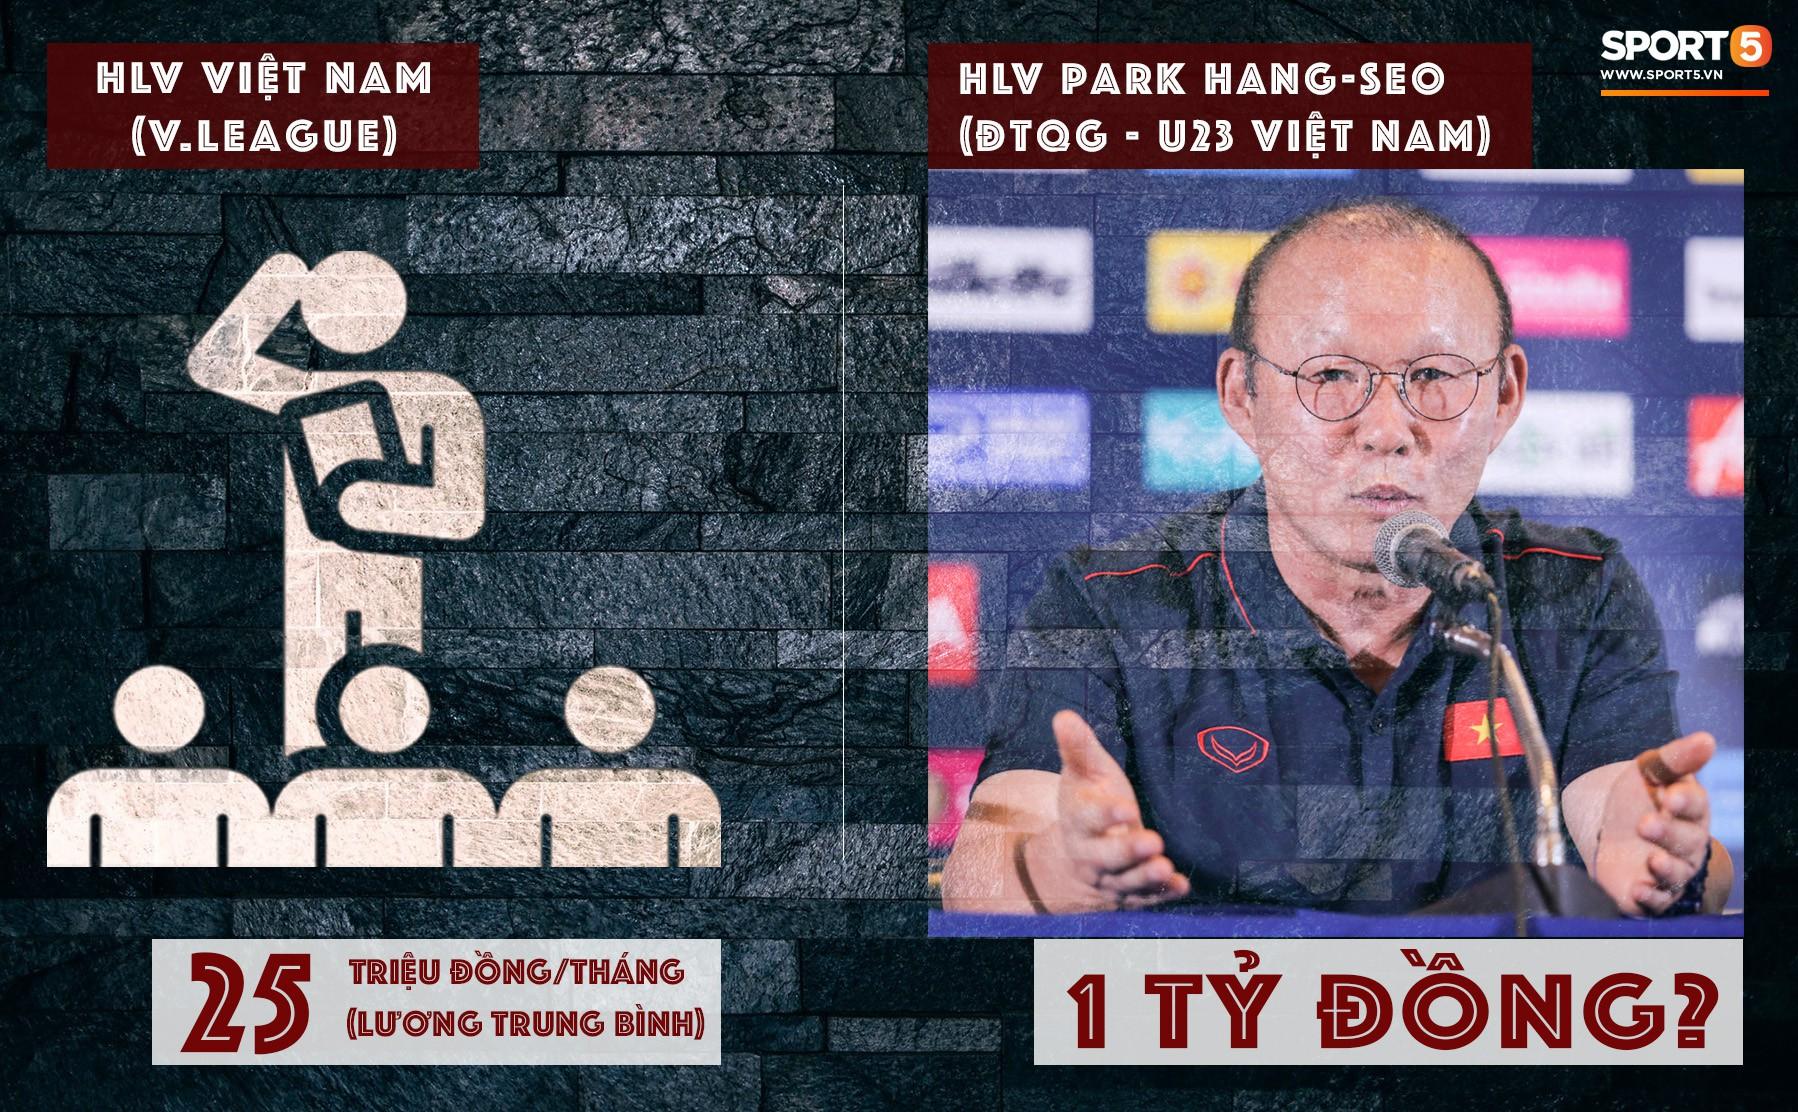 Ảnh 1: VFF tăng lương cho thầy Park lên 1 tỷ đồng/tháng - We25.vn